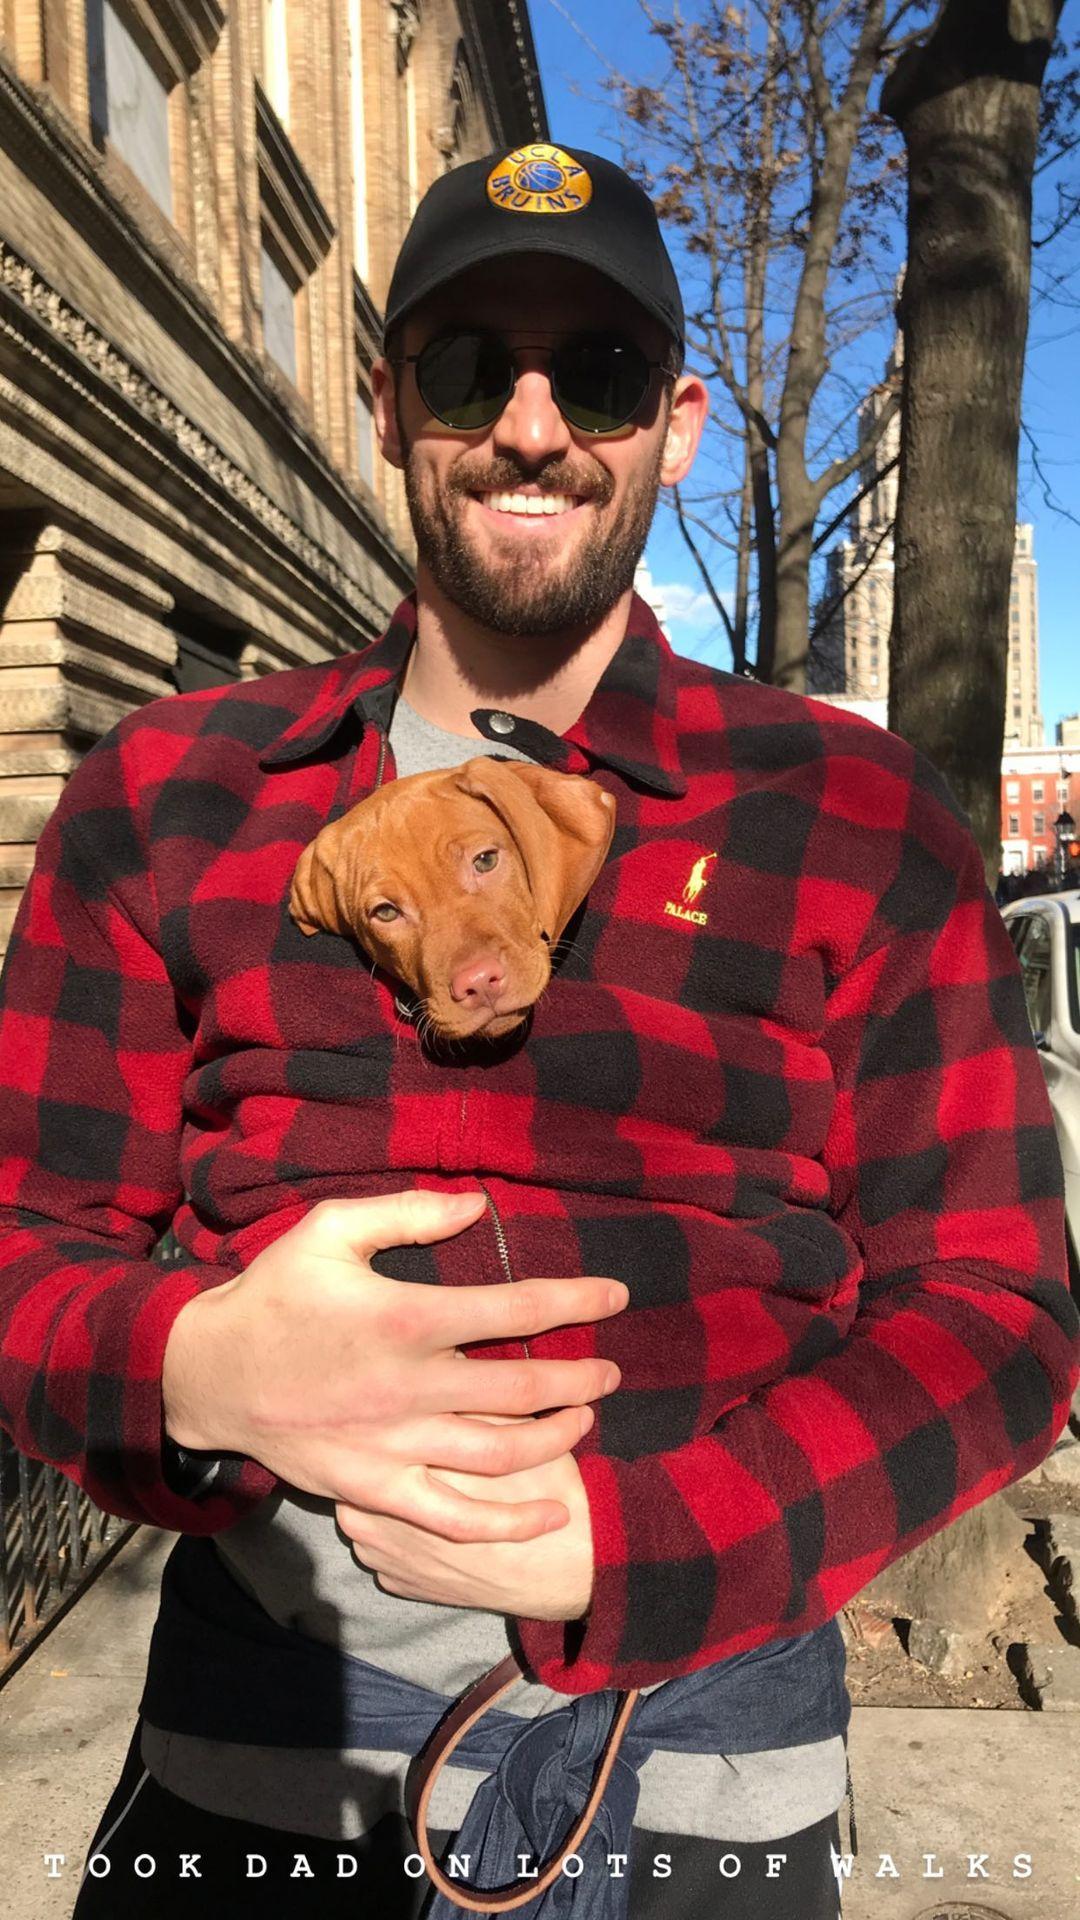 乐福女友晒乐亚博最新域名福与爱犬Velstry的照片,纪念爱犬的生日